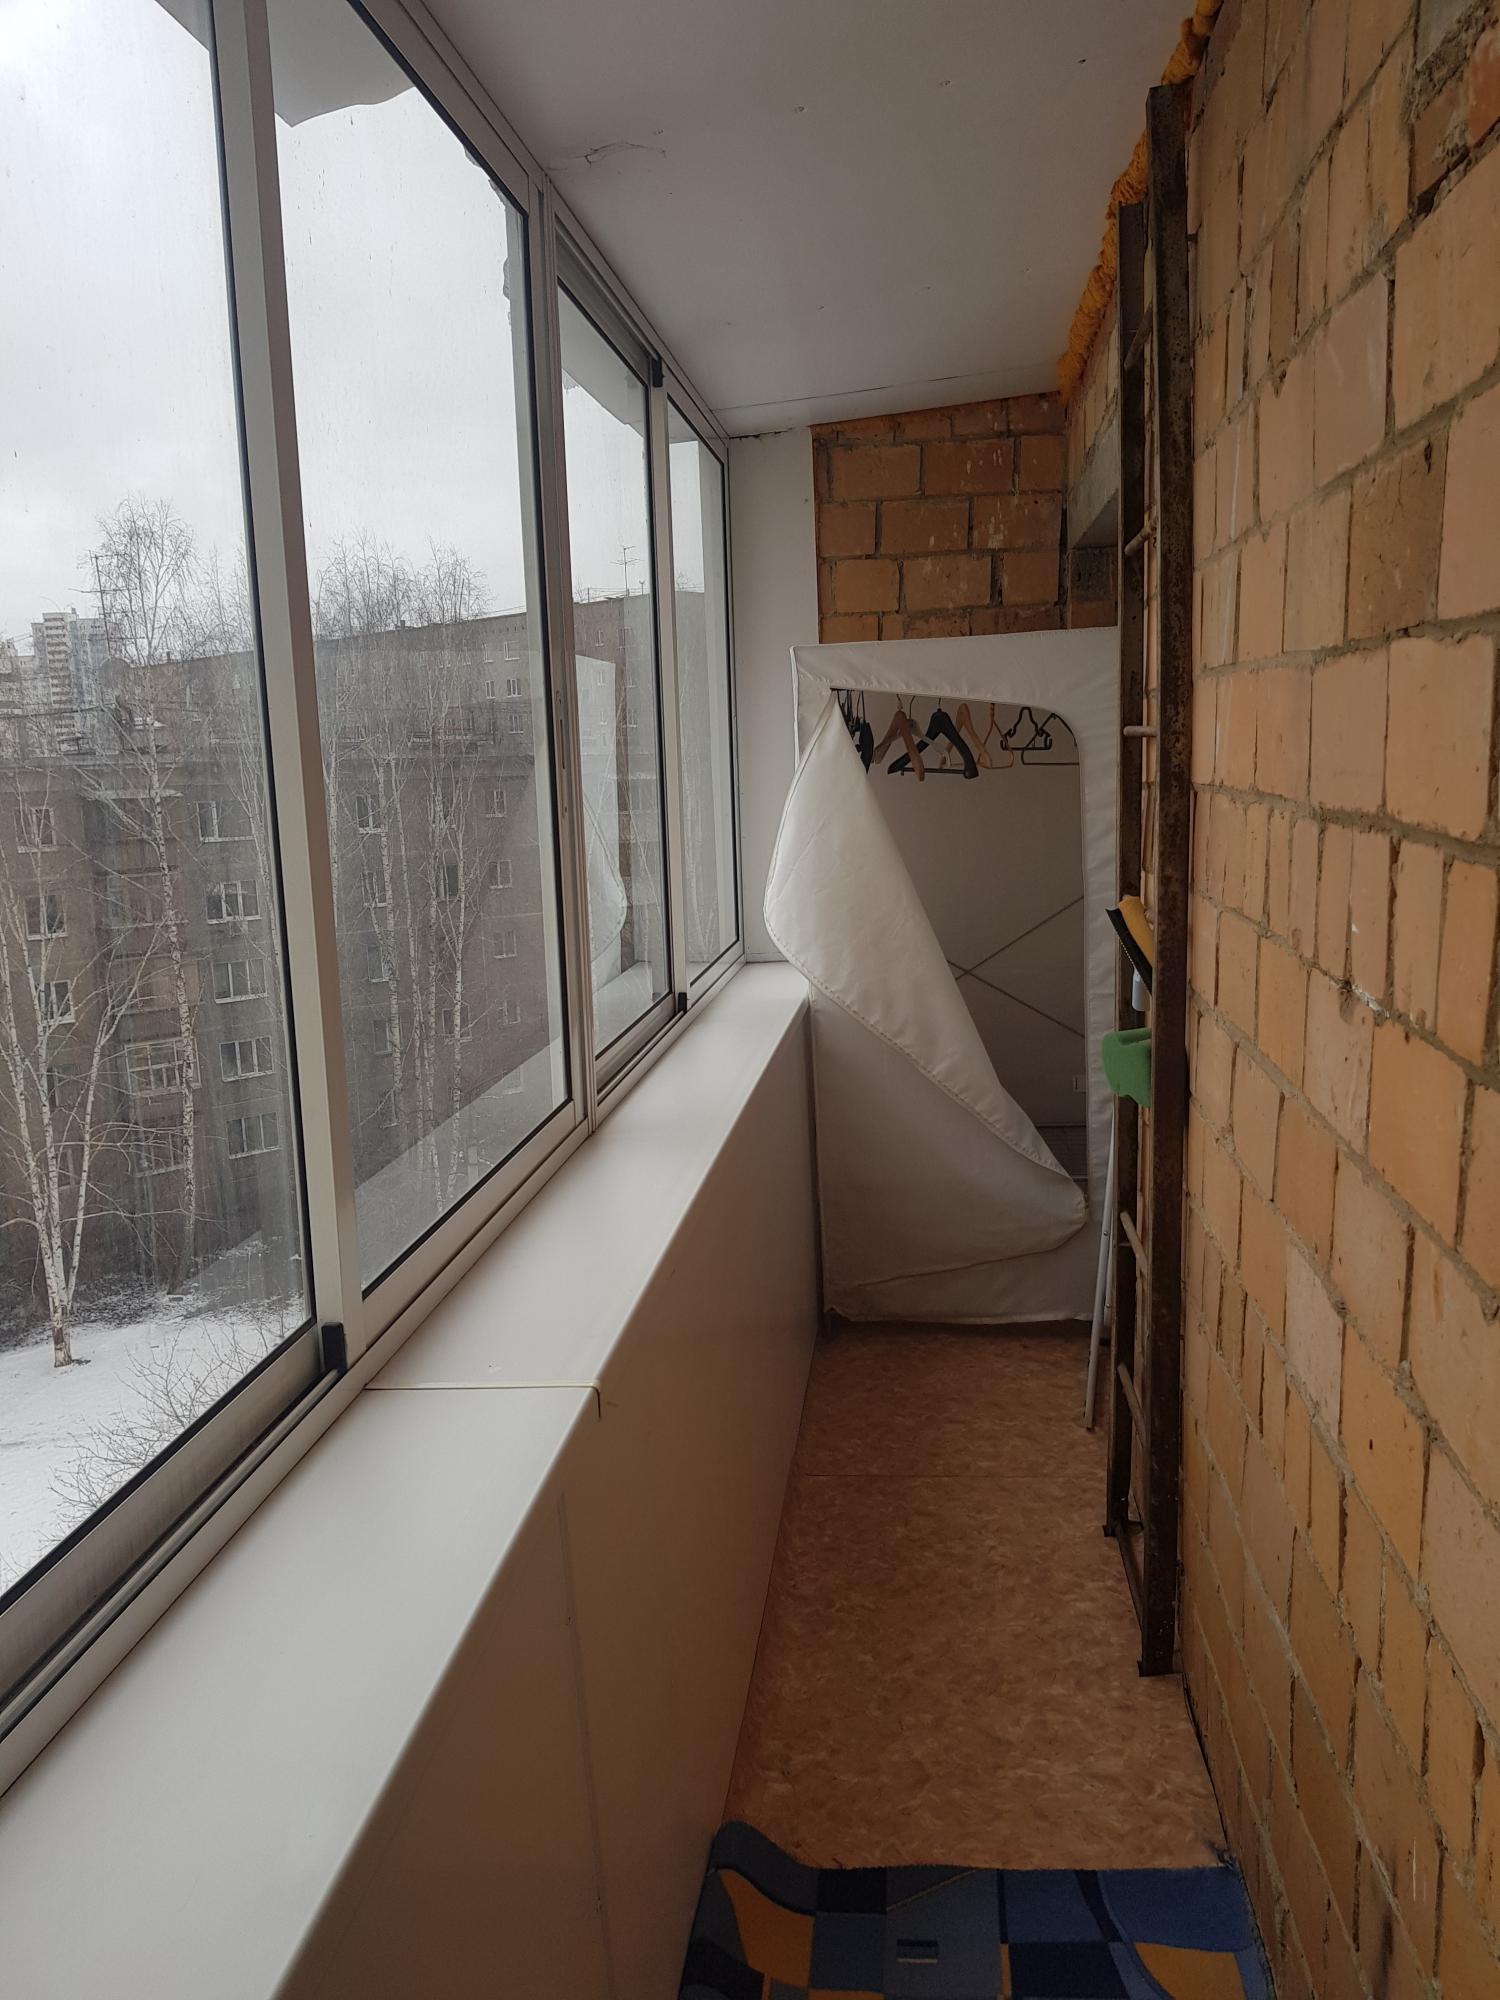 Продажа квартир / Гостинки, Екатеринбург, 1 590 000